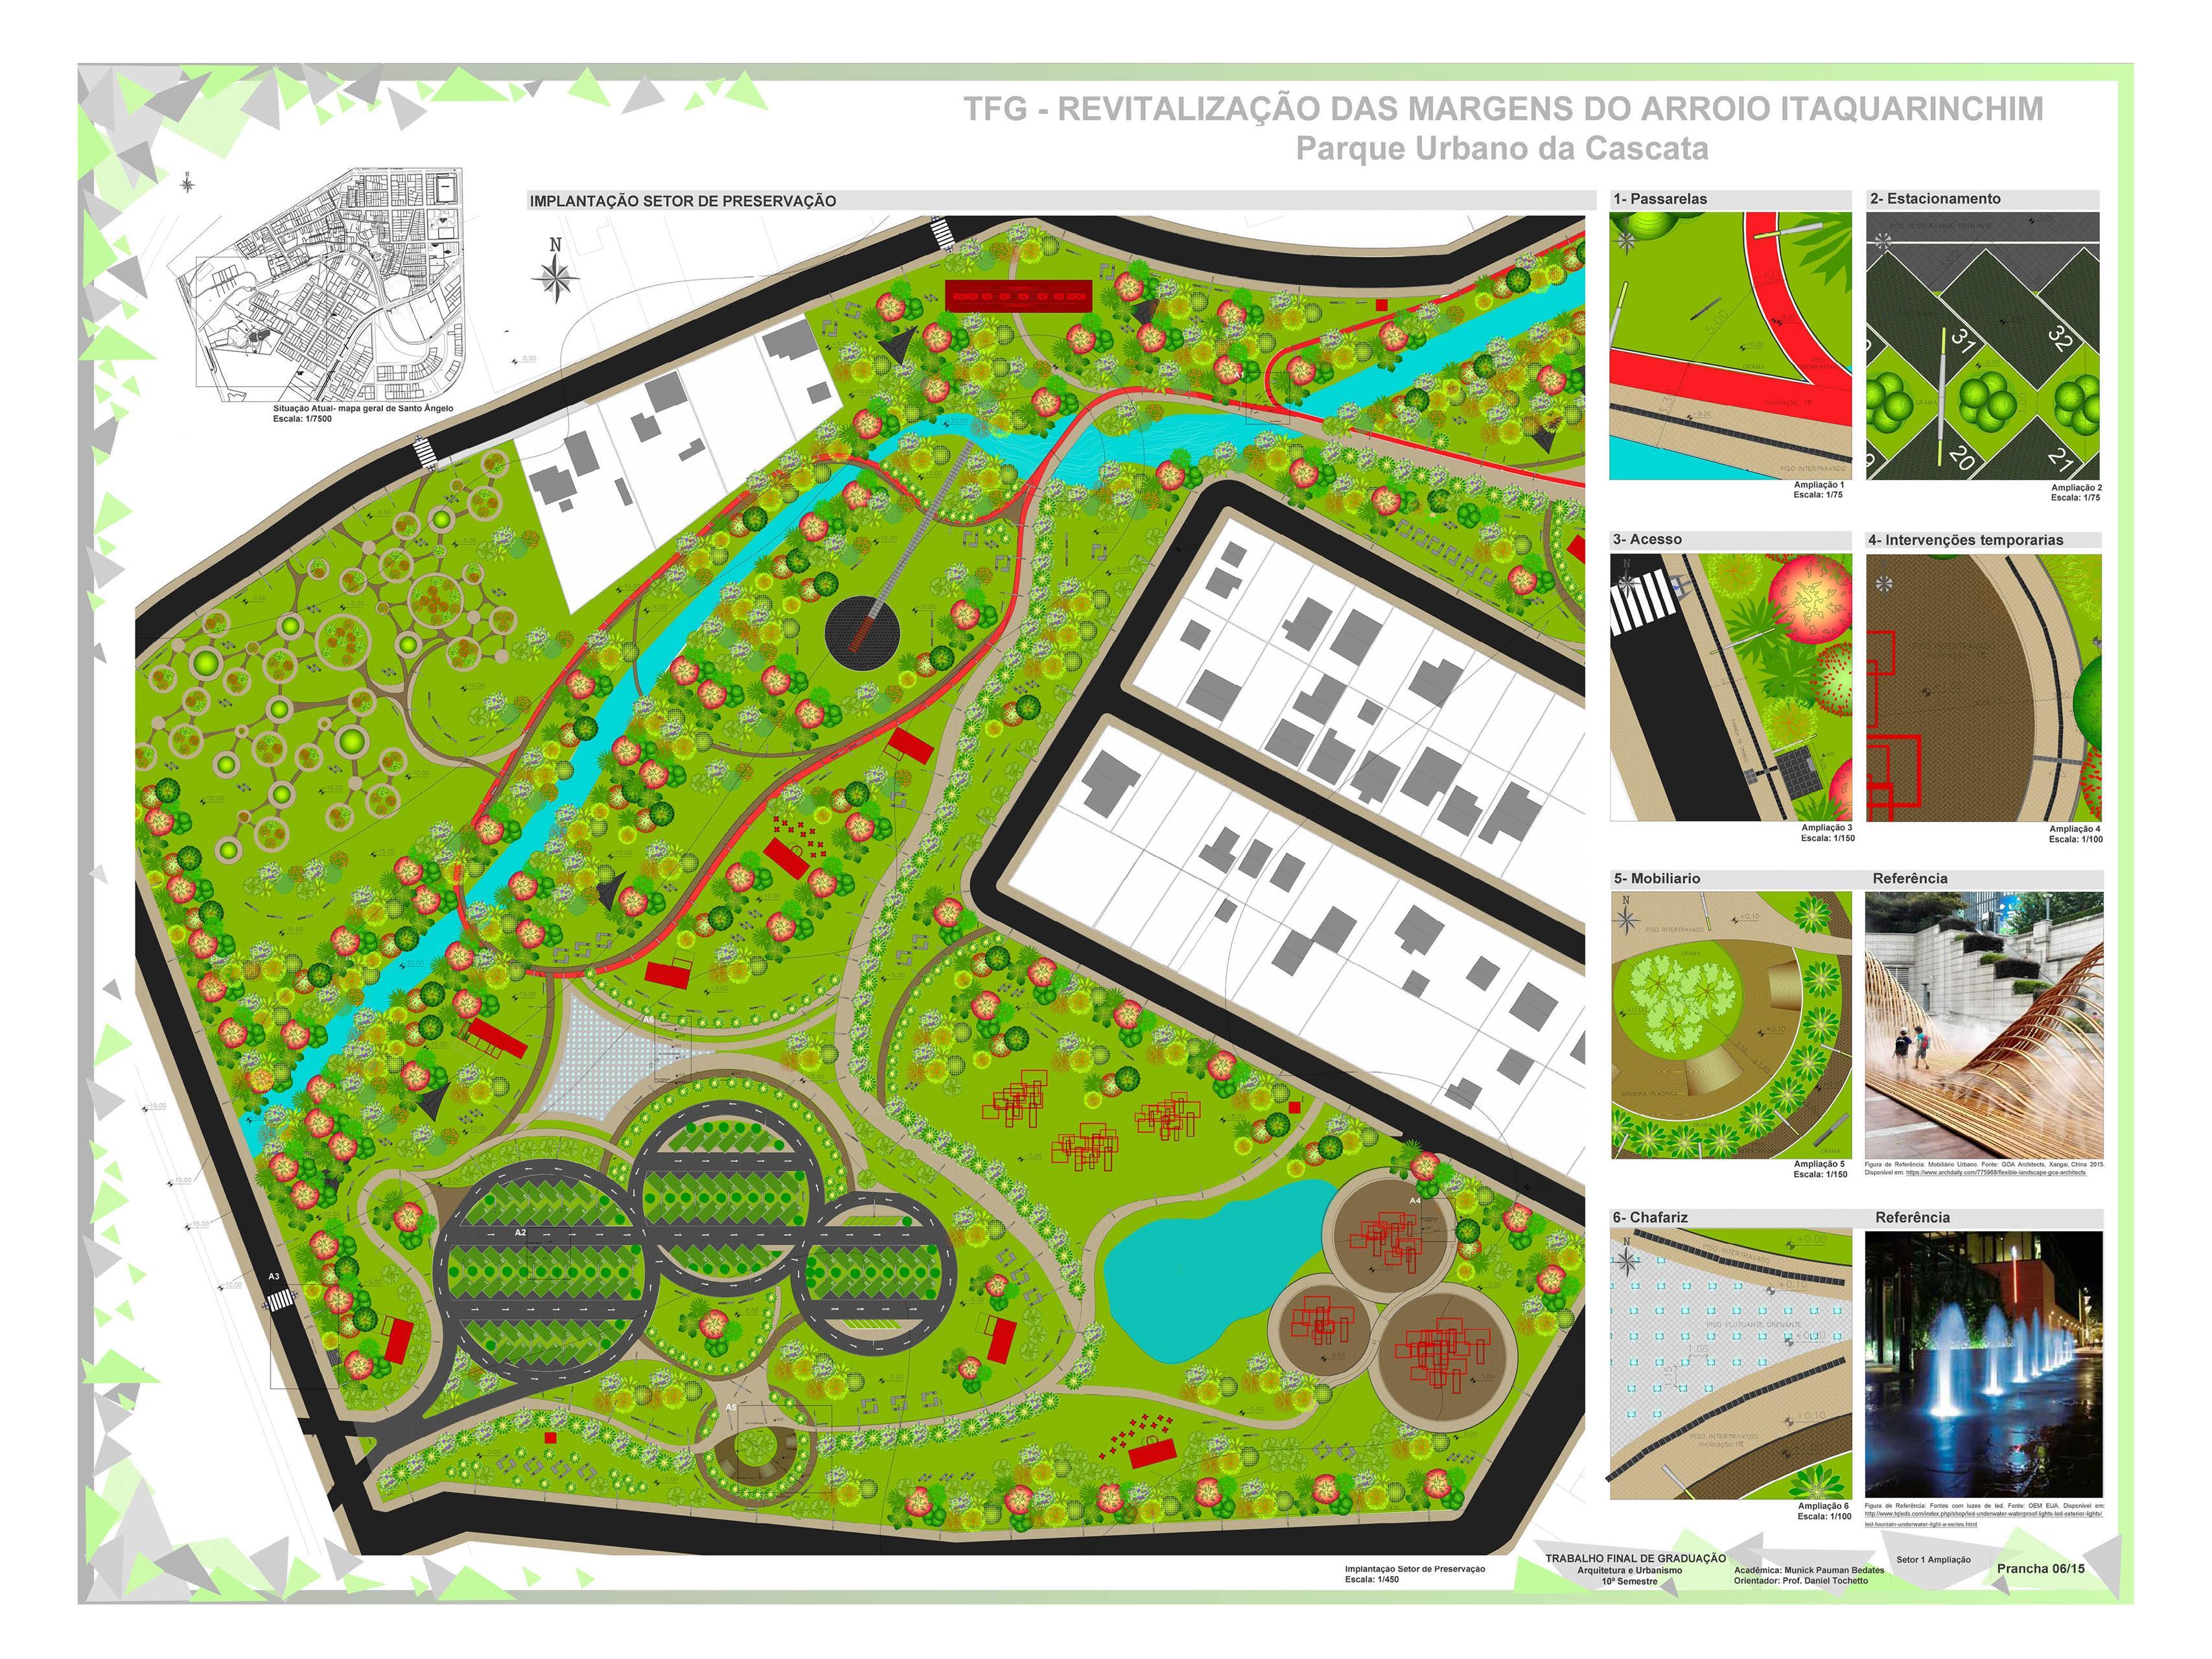 Revitalização das Margens do Arroio Itaquarinchim - Parque Urbano da Cascata6 (Copy)